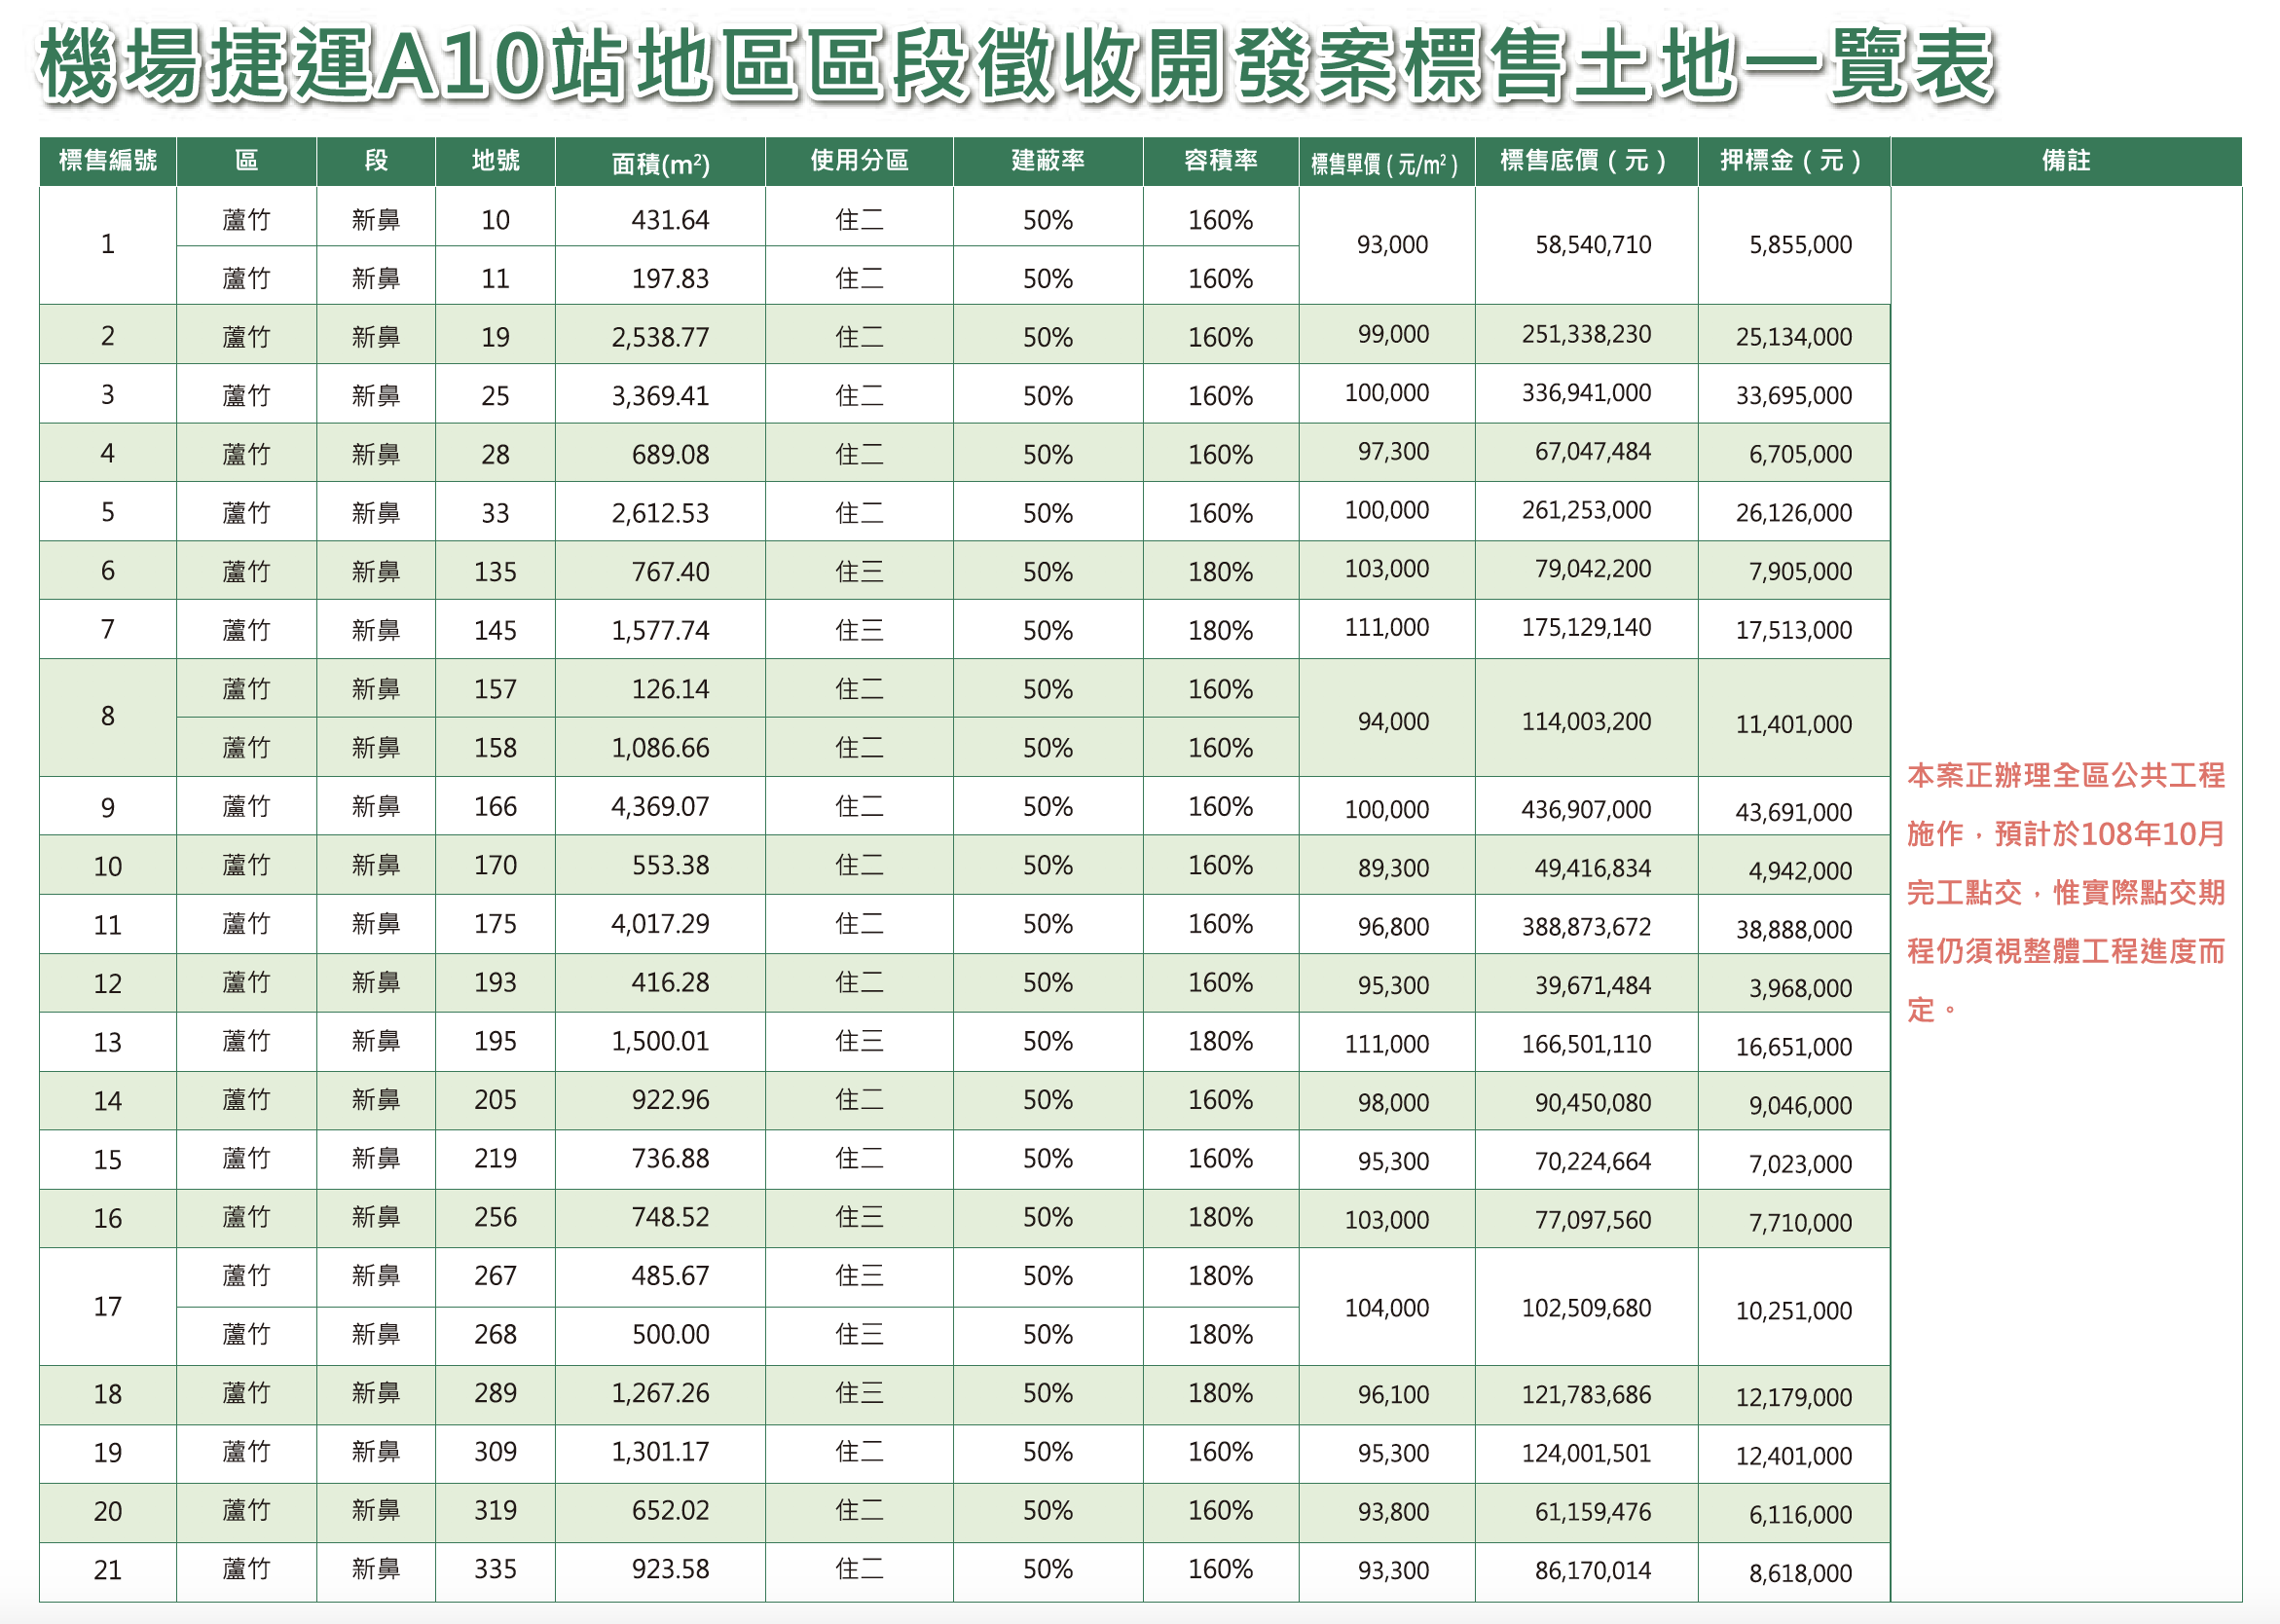 黃帝不動產-A10站區段徵收標售土地一覽表.png